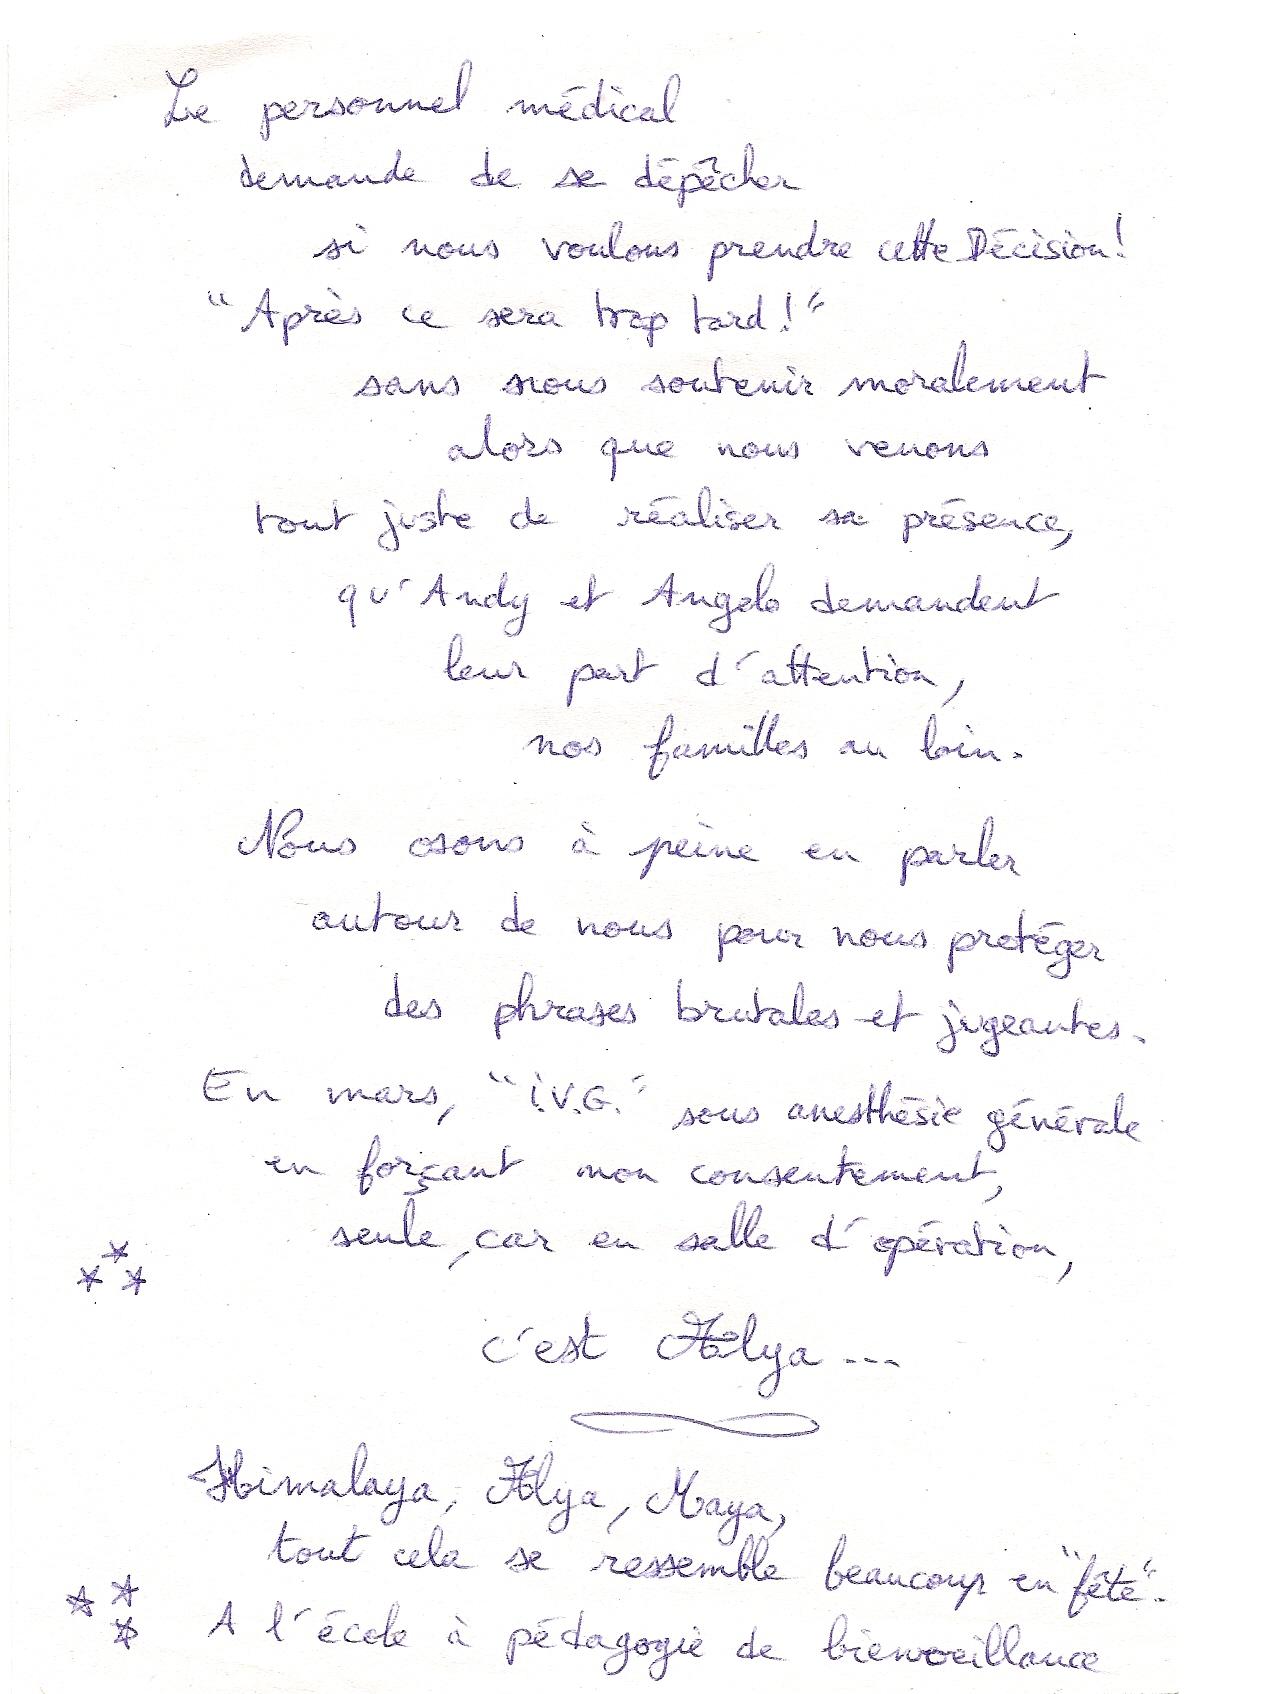 délicate-decision-IX-2